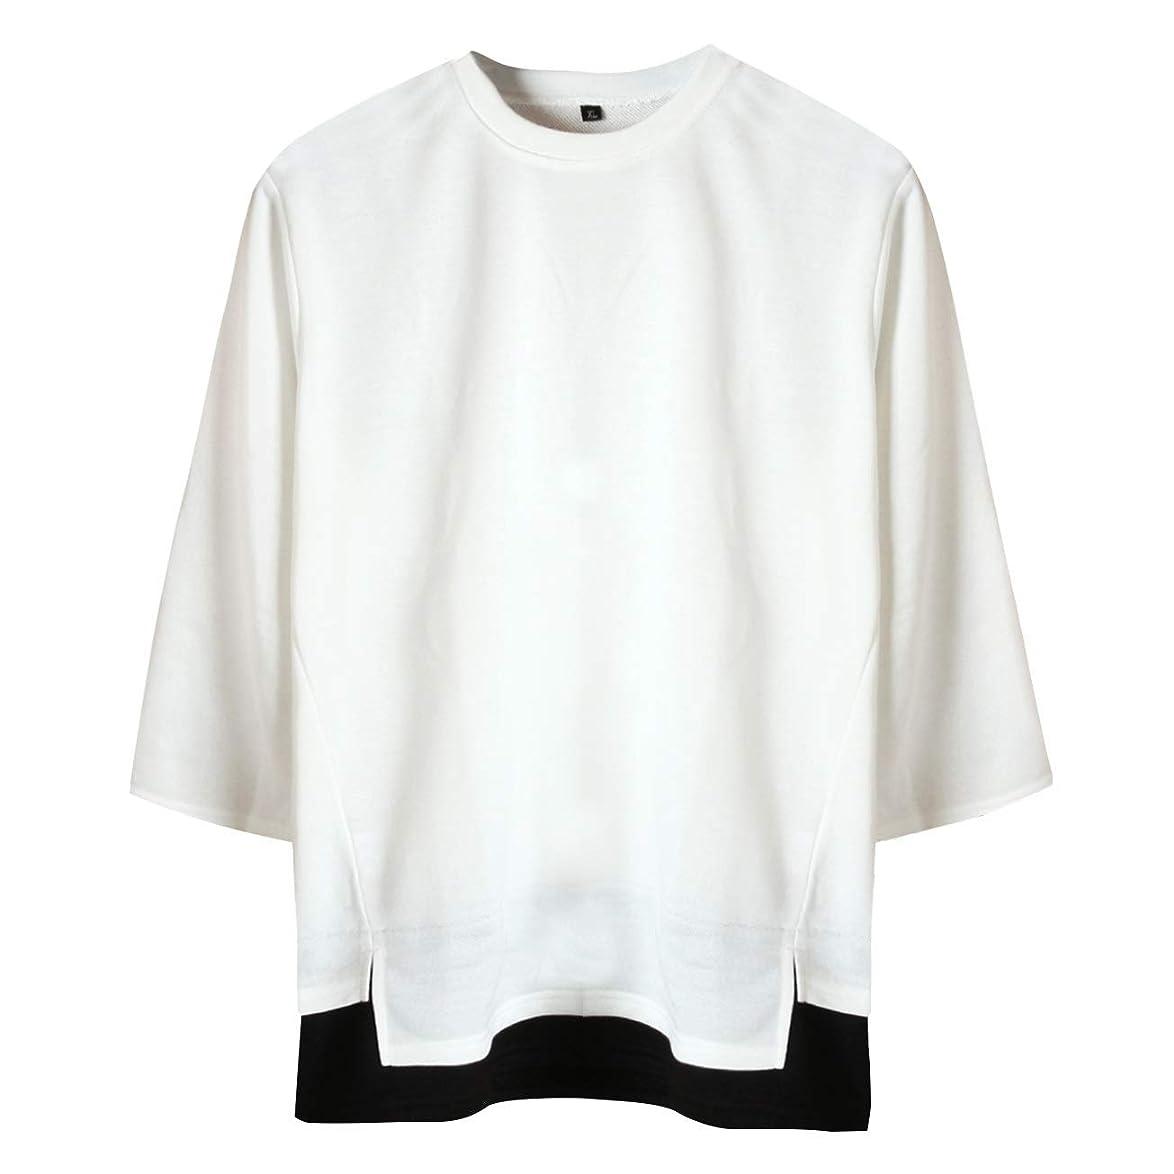 断言する配列重さ[サコイユ] カットソー レイヤード風 スウェット M~6XL 7分袖 Tシャツ 薄手 トップス 無地 切替 秋 冬 春 メンズ